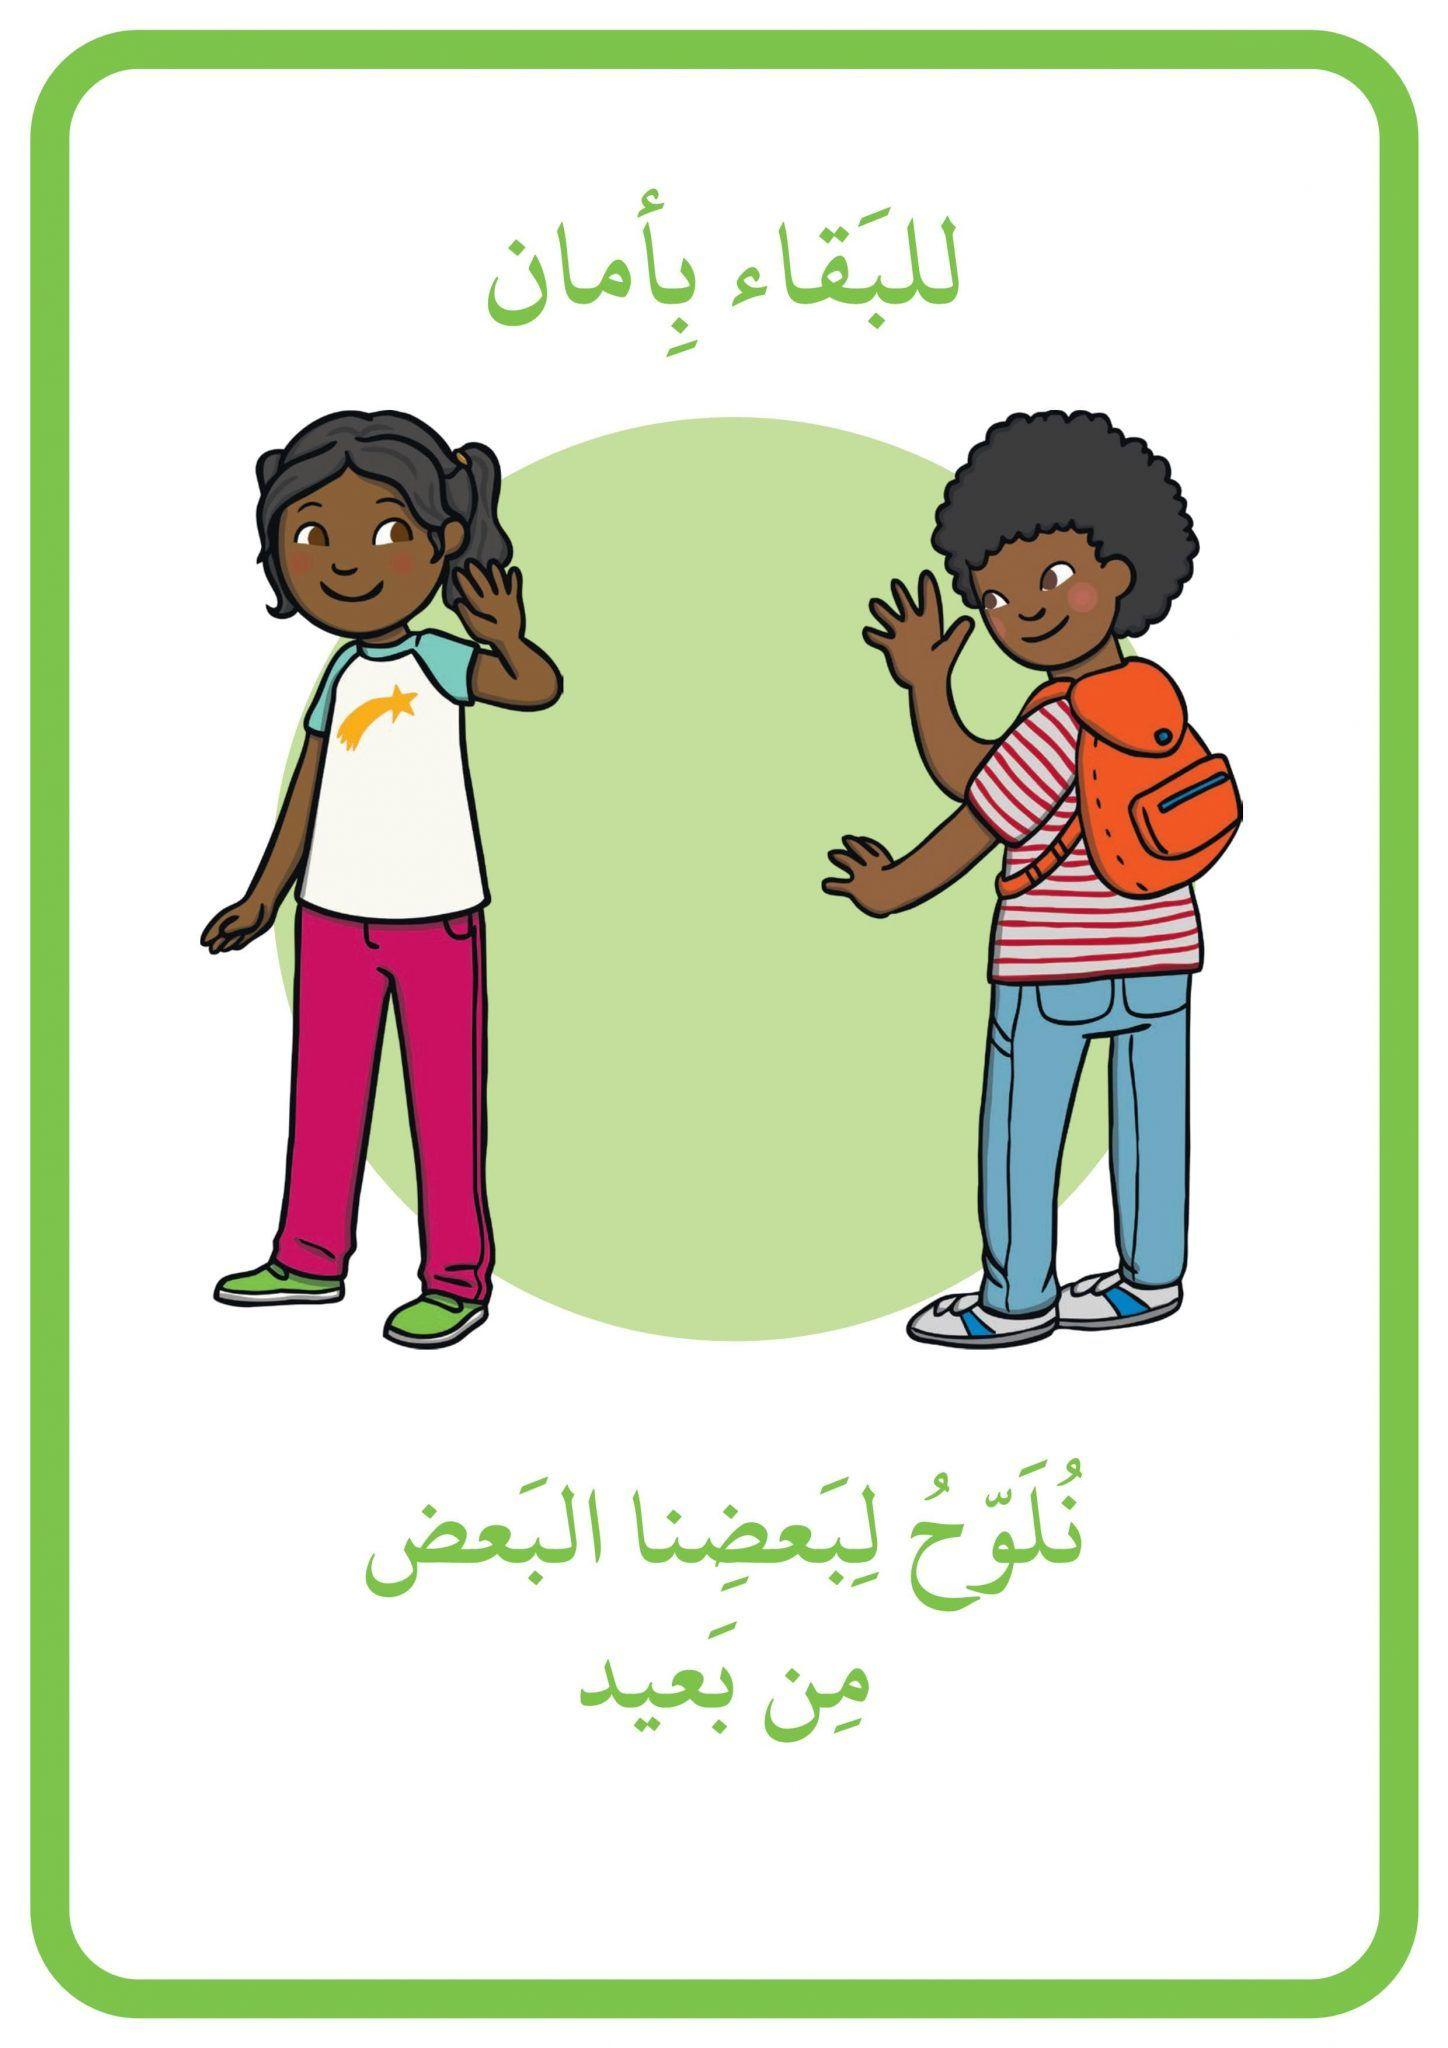 ملصقات كيفية البقاء بأمان عند العودة للمدرسة للاطفال Education Comics Fictional Characters